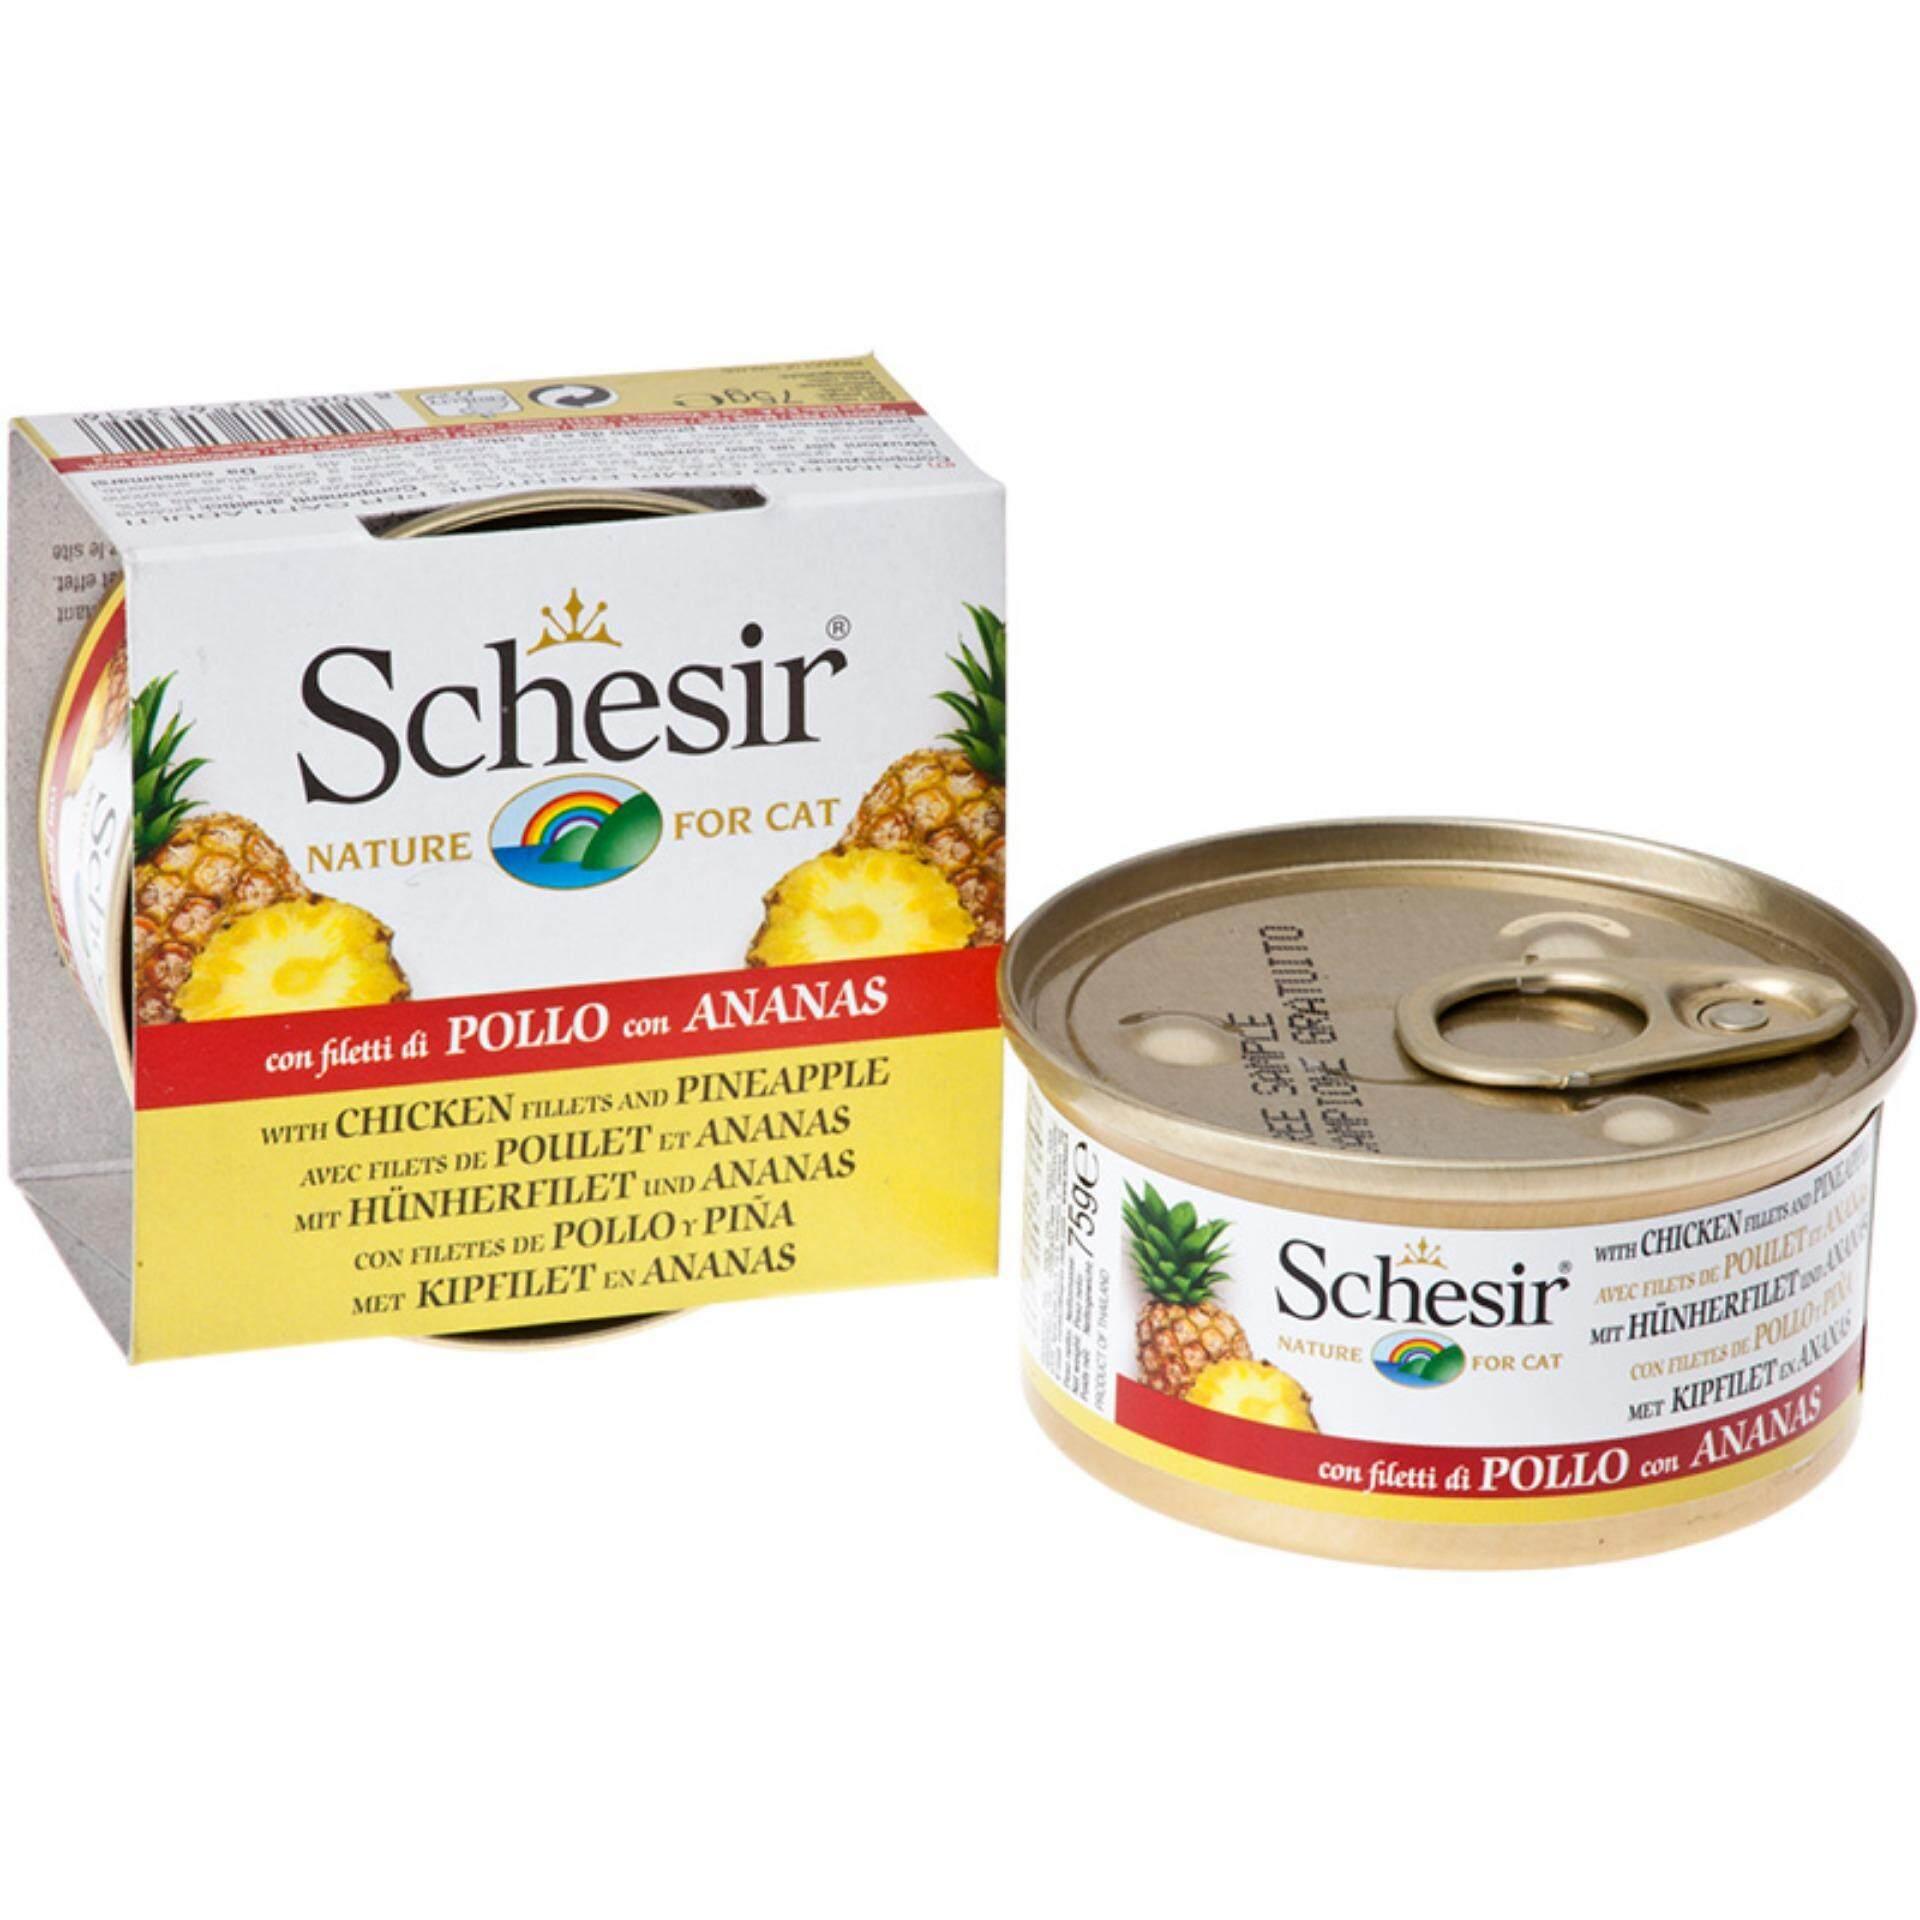 Schesir Chicken Fillets w/Pineapple